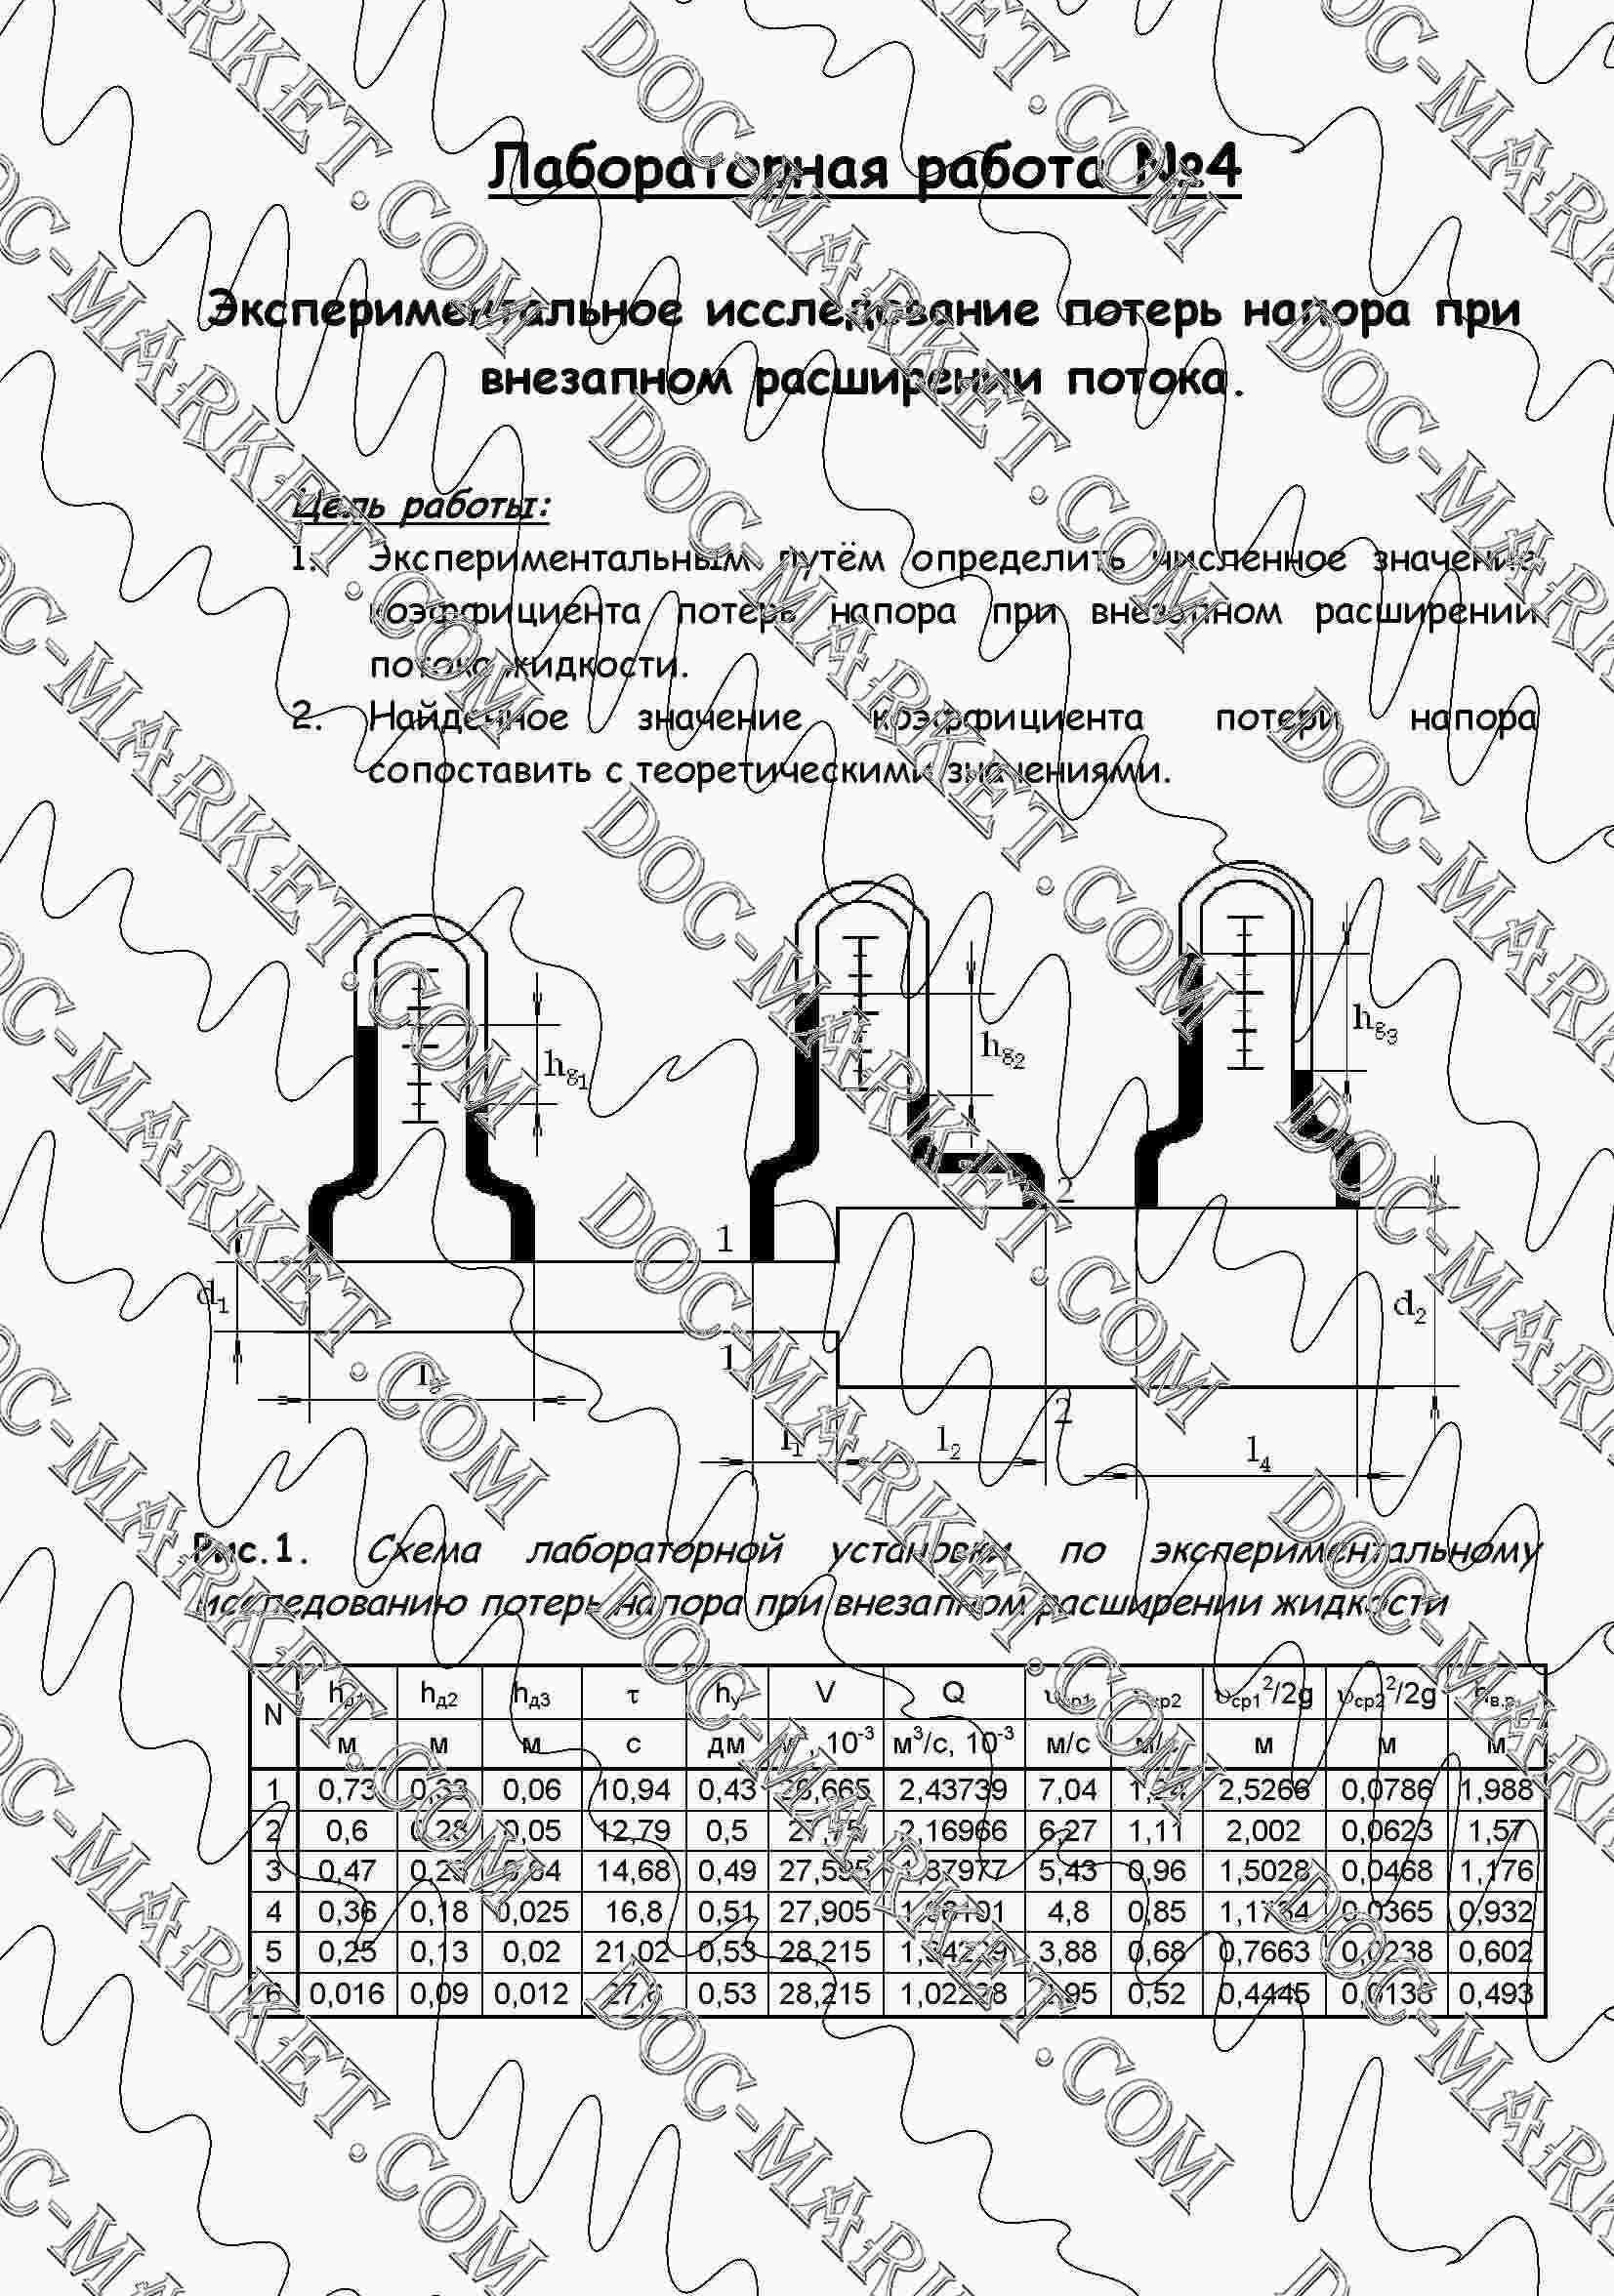 Гдз немецкий язык 11 класс рабочая тетрадь воронина